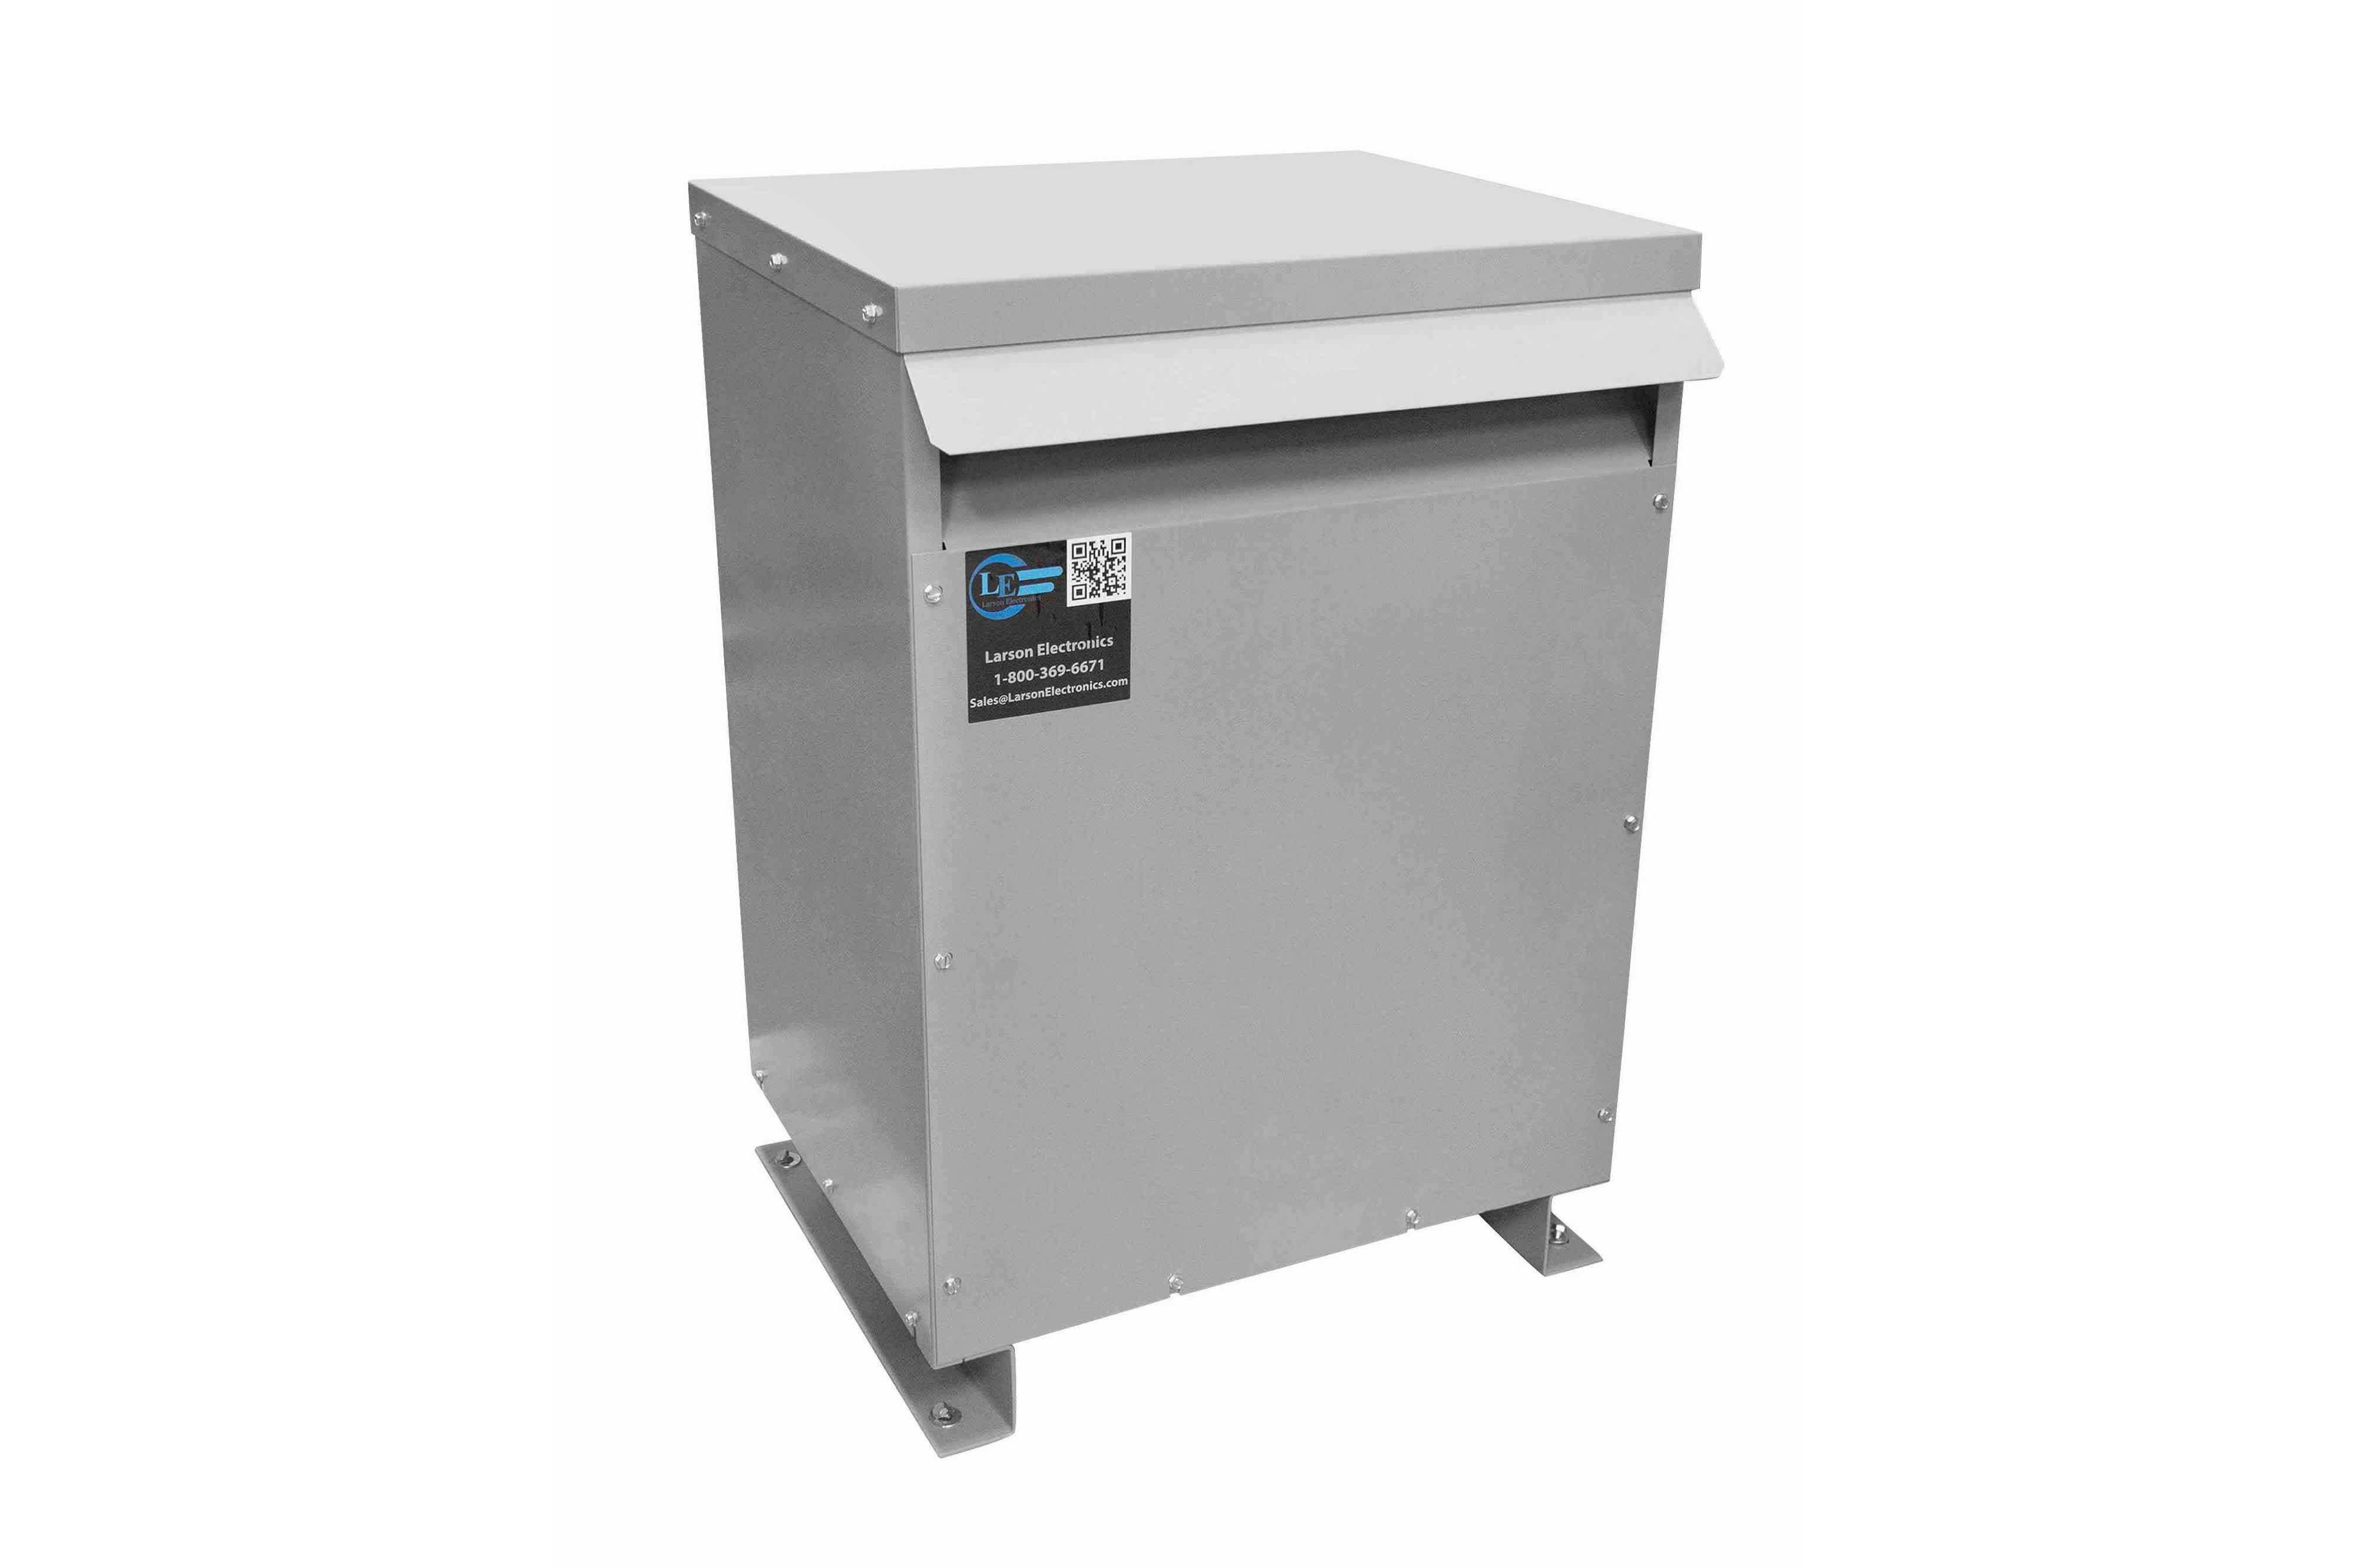 65 kVA 3PH Isolation Transformer, 440V Delta Primary, 208V Delta Secondary, N3R, Ventilated, 60 Hz